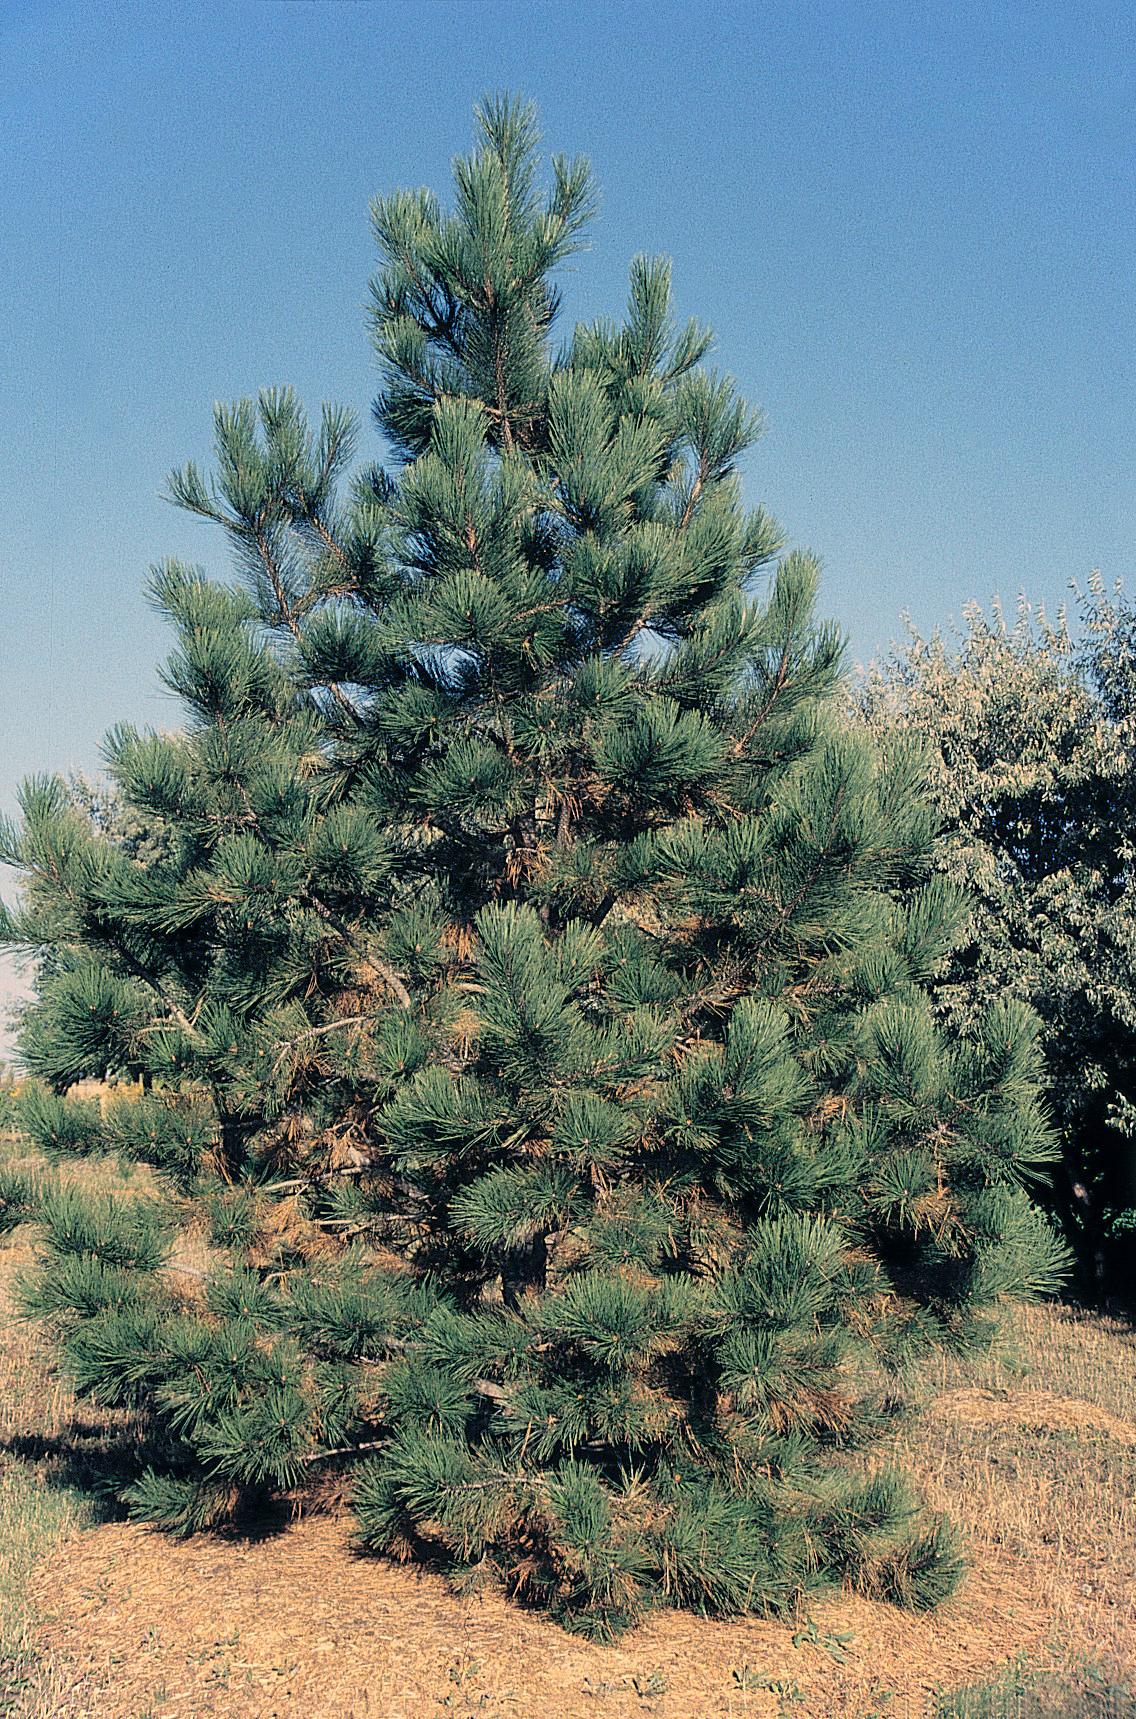 Ponderosa Pine Tree Images File:Pinus ponderosa t...